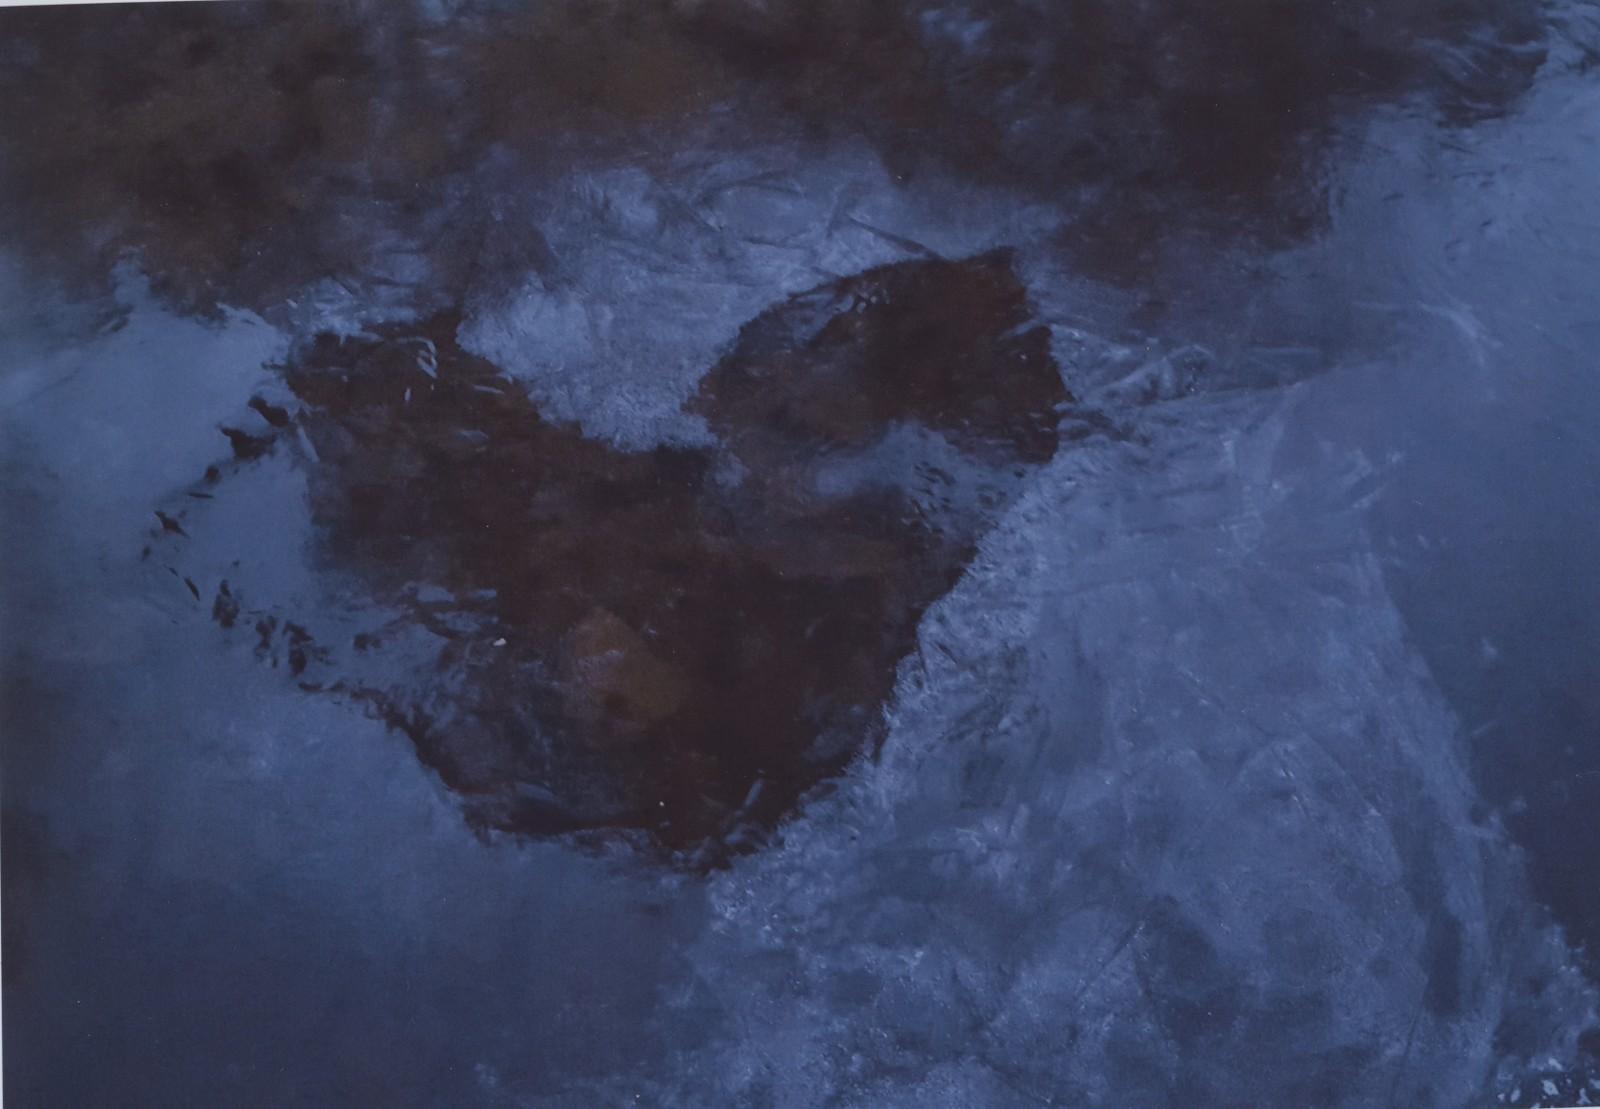 Heart of ice - Sondre Solberg Losnegård, Hyllestad